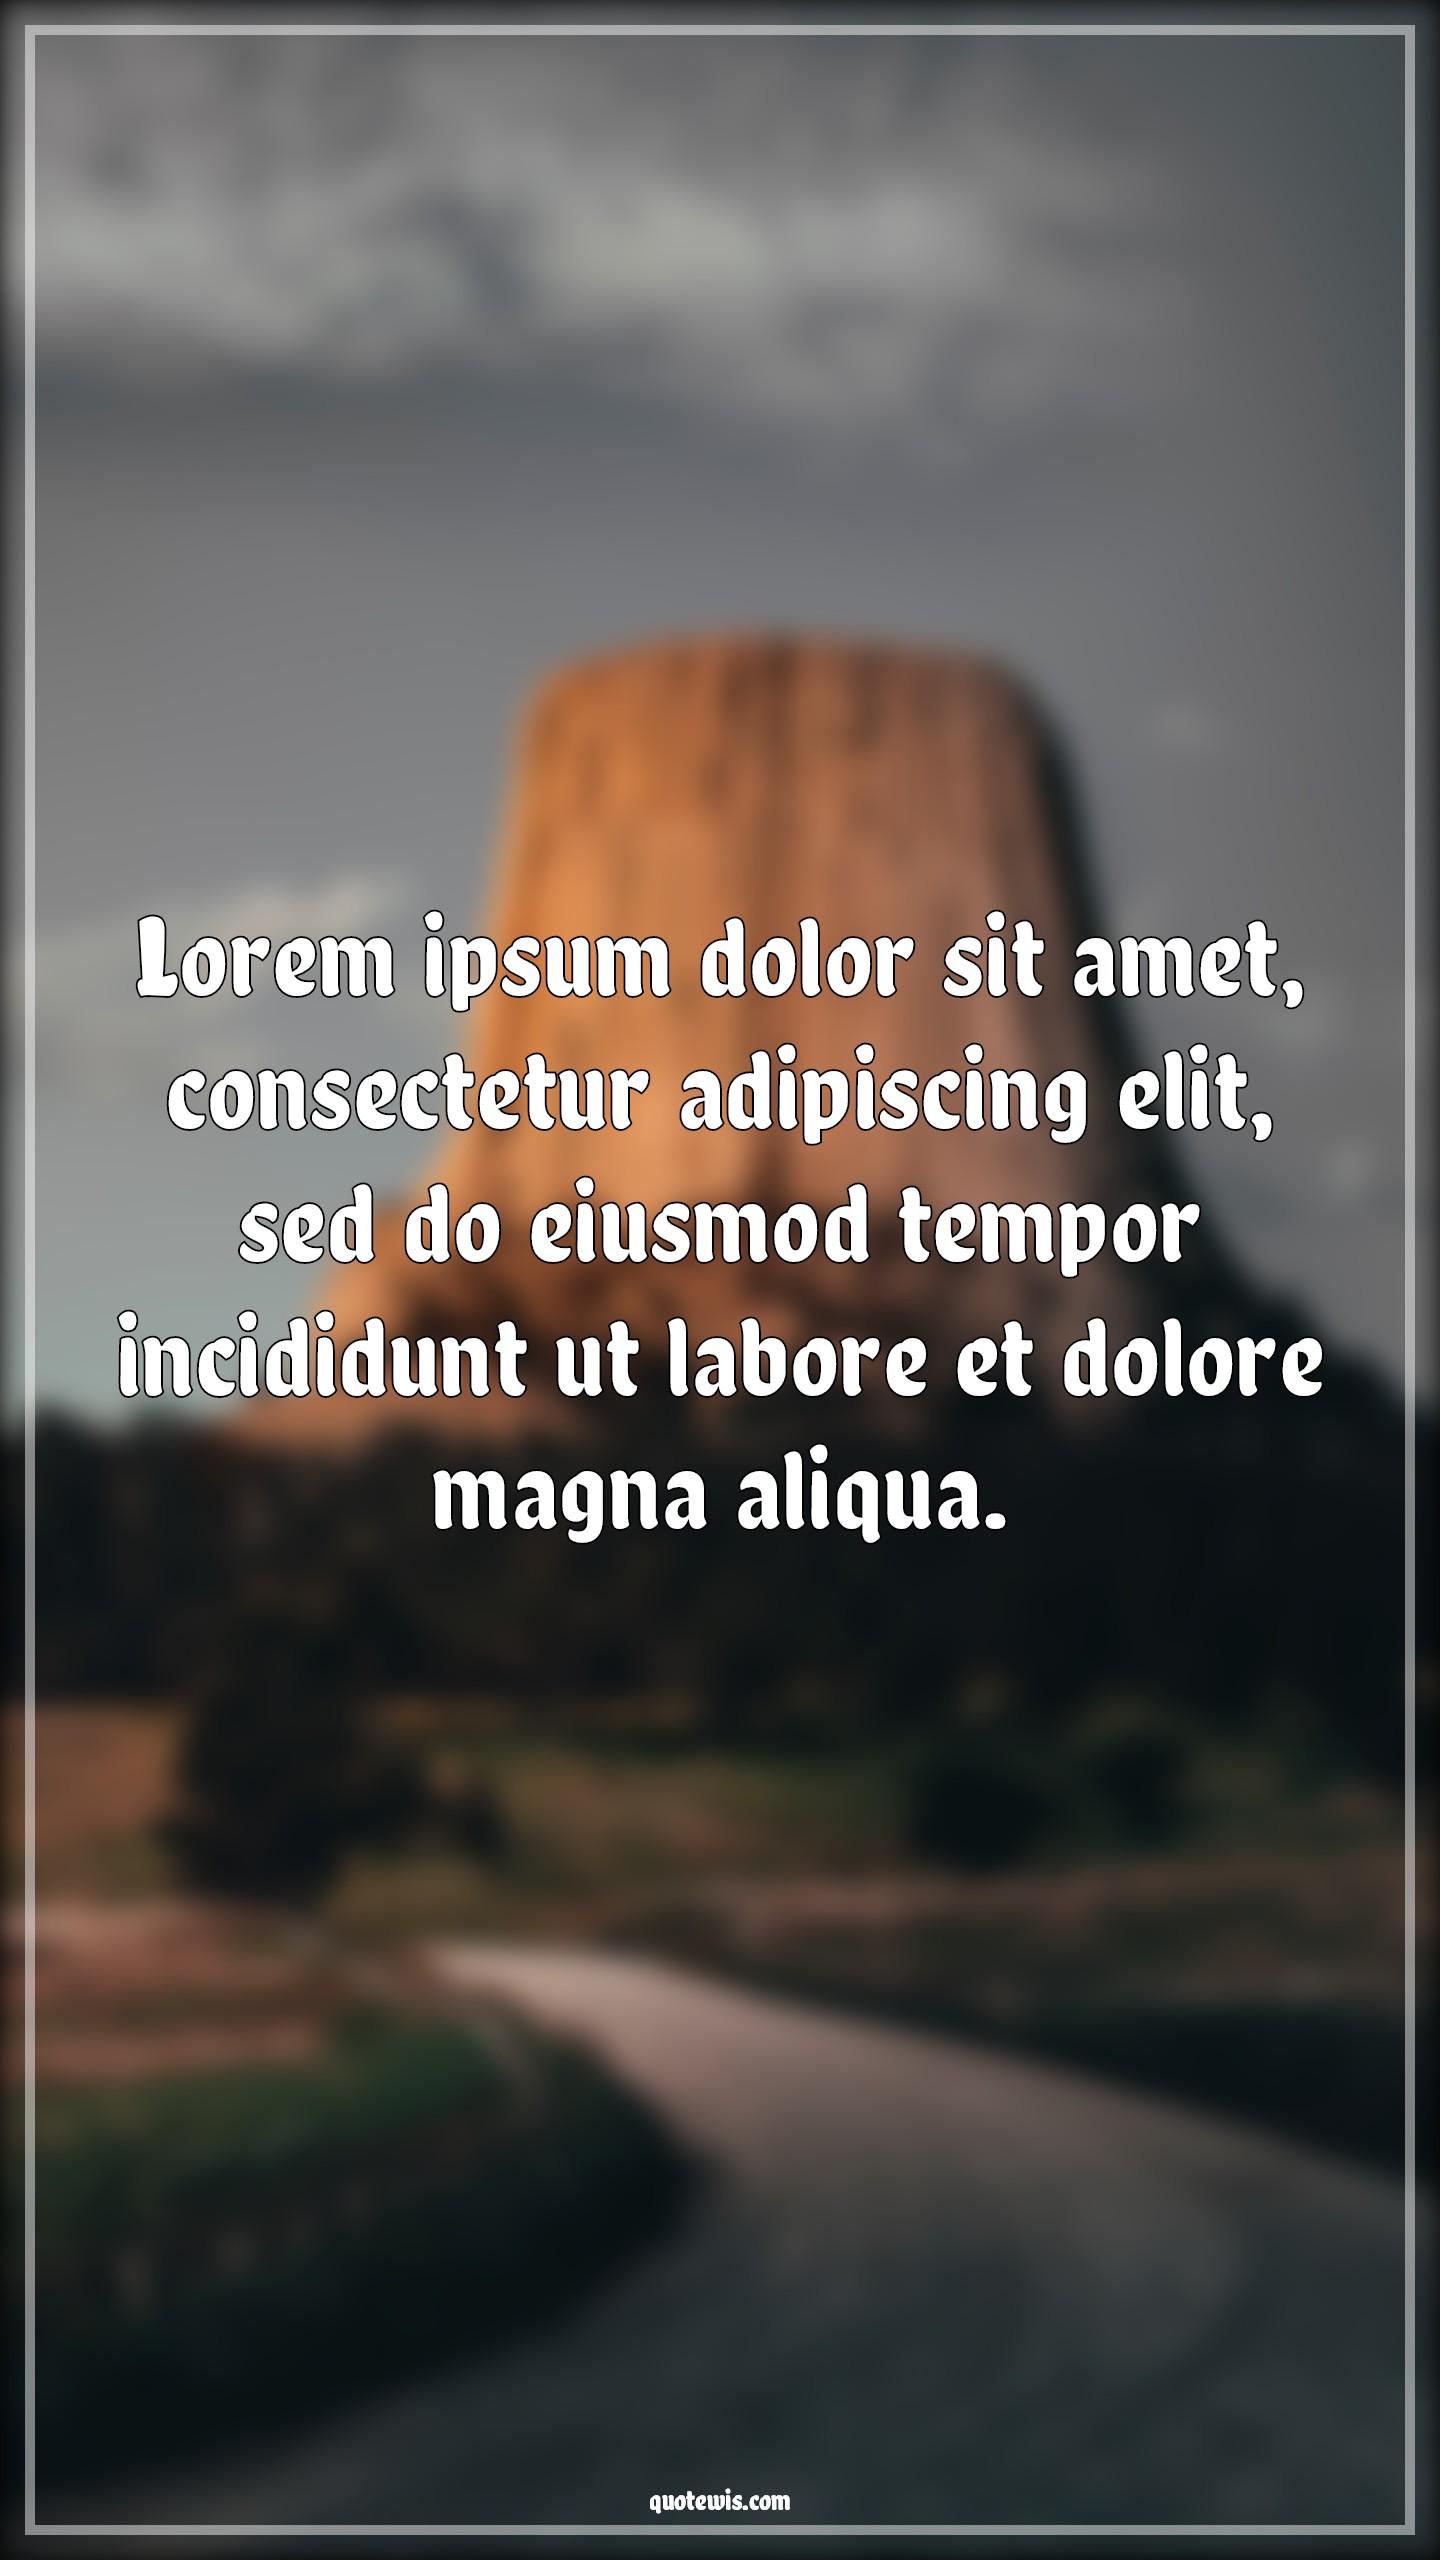 Lorem ipsum dolor sit amet, consectetur adipiscing elit, sed do eiusmod tempor incididunt ut labore et dolore magna aliqua.